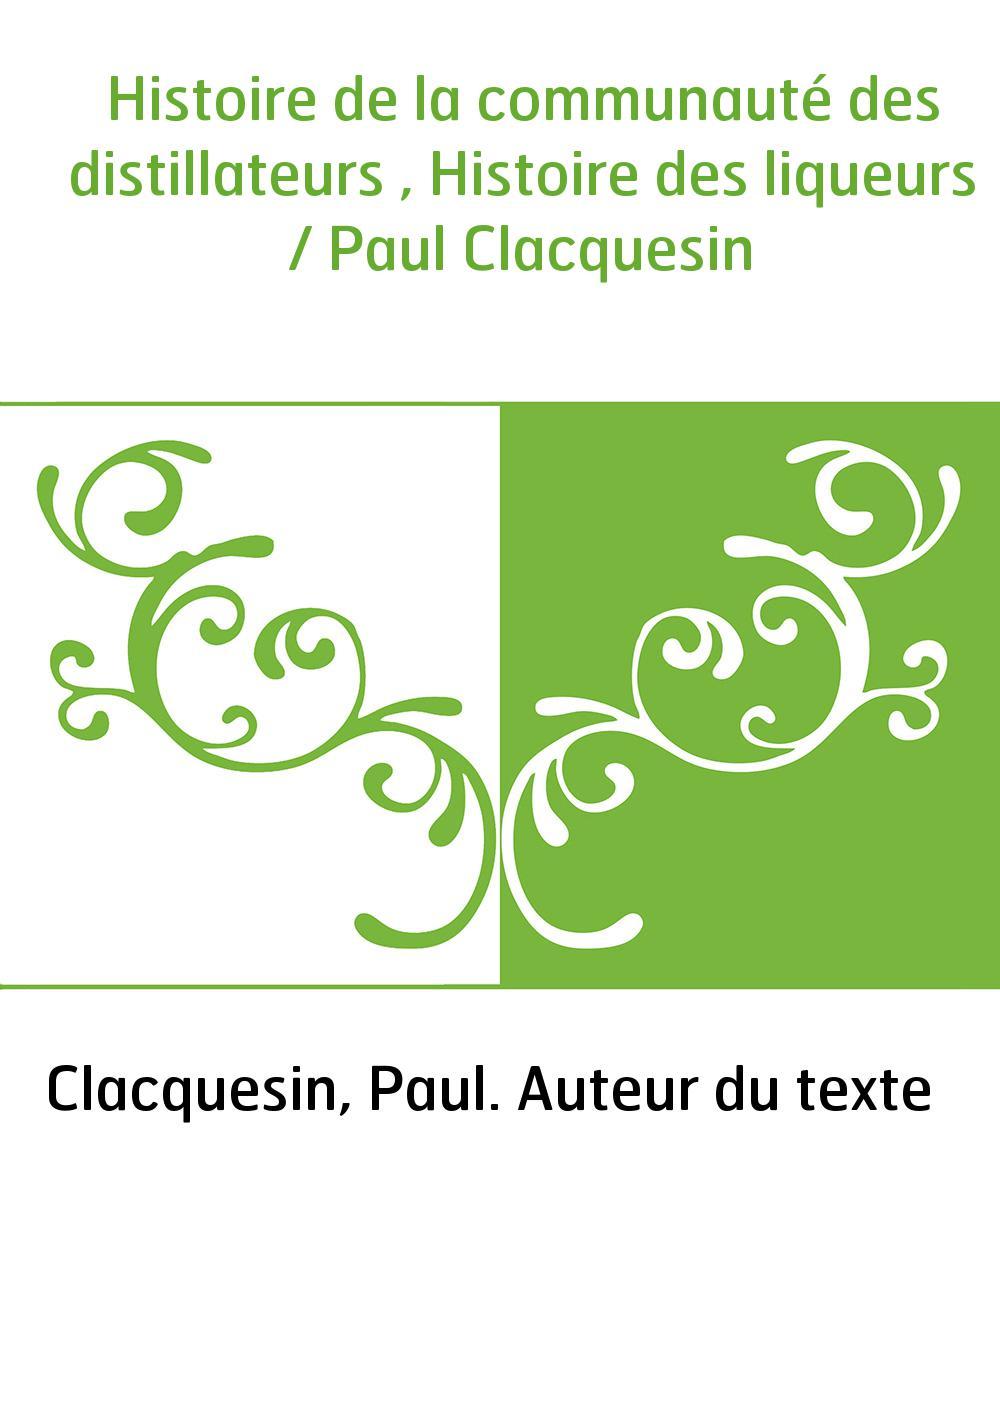 Histoire de la communauté des distillateurs , Histoire des liqueurs / Paul Clacquesin